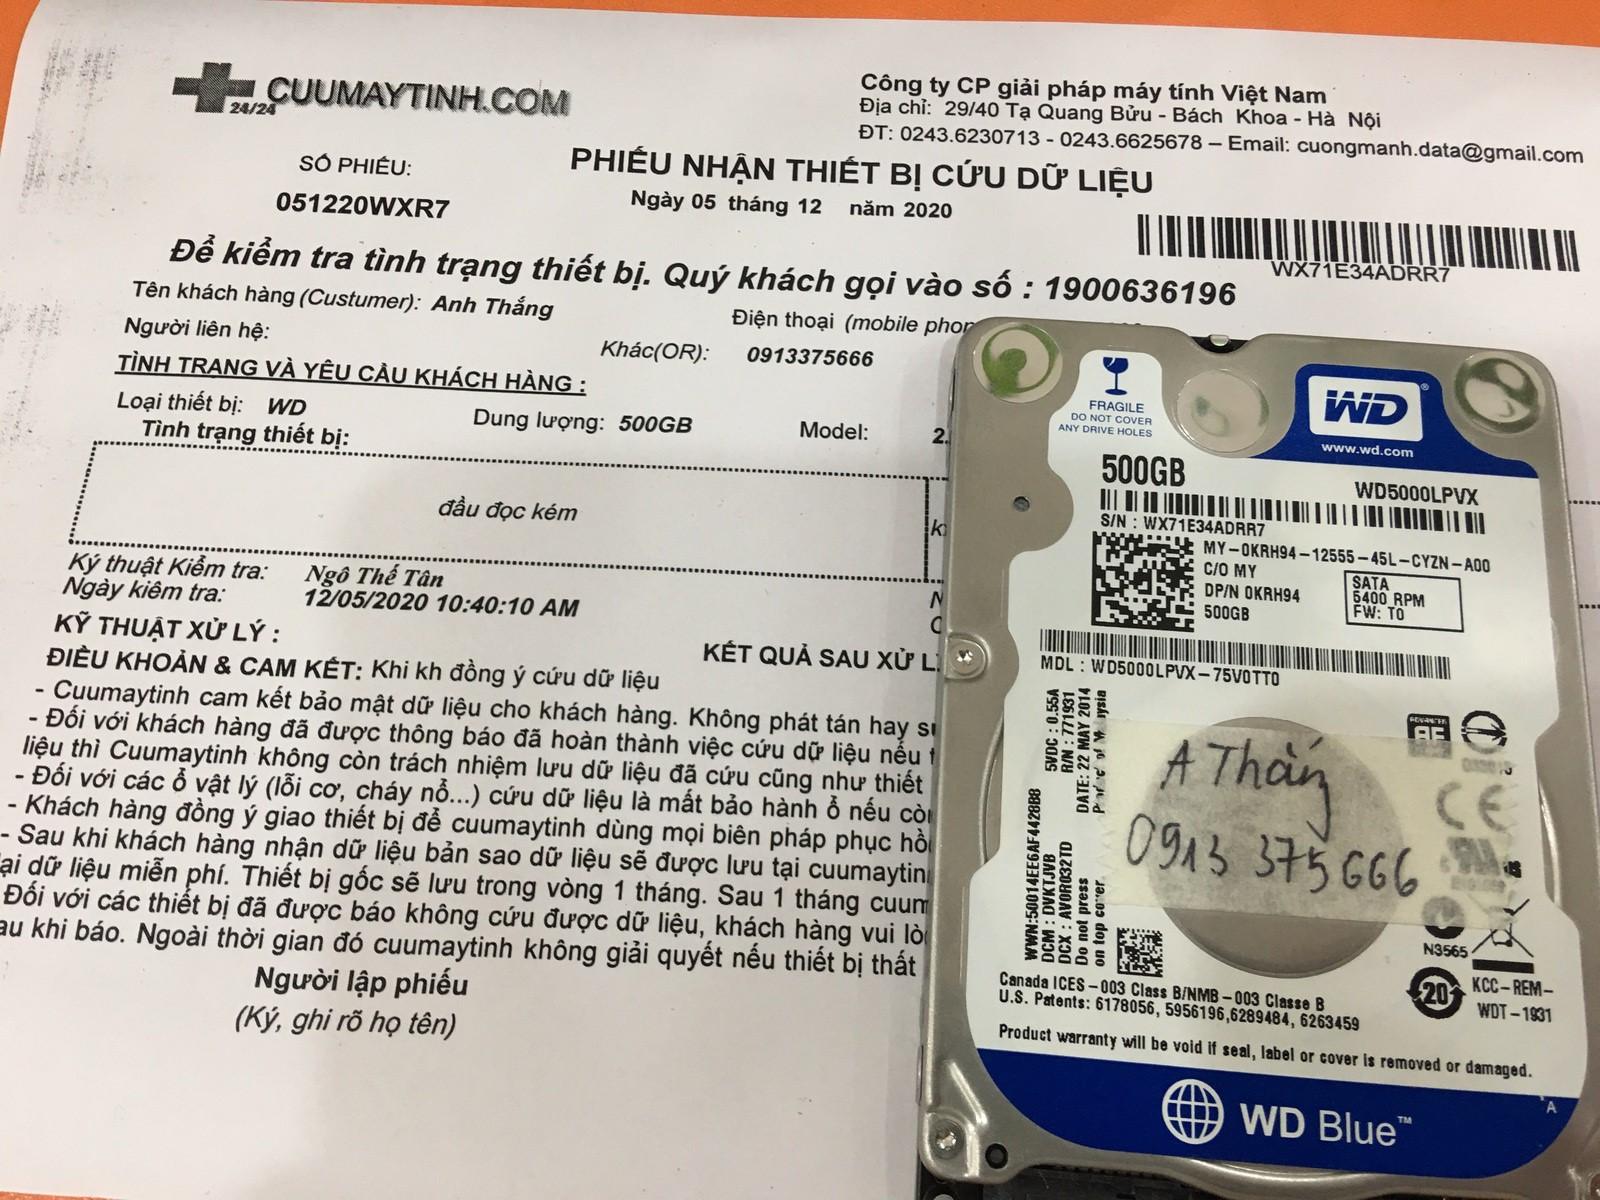 Khôi phục dữ liệu ổ cứng Western 500GB đầu đọc kém - 07/12/2020 - cuumaytinh